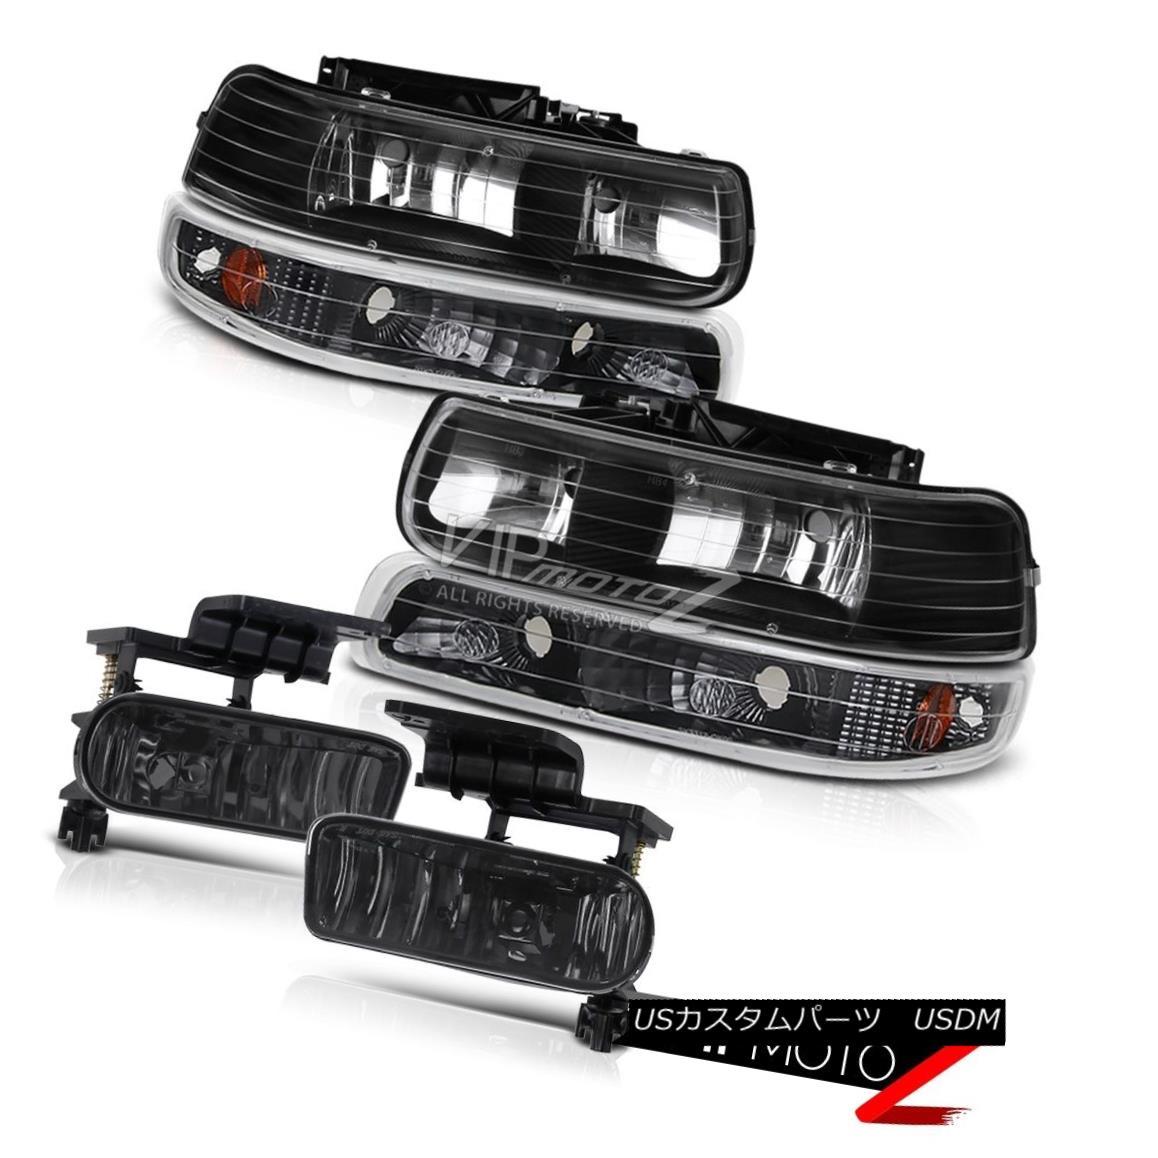 ヘッドライト SILVERADO SUBURBAN TAHOE Amber Black Front Head Light Lamp+Bumper+Fog Light 6PC SILVERADO SUBURBAN TAHOEアンバーブラックフロントヘッドライトランプ+バンパー+フォーク gライト6PC